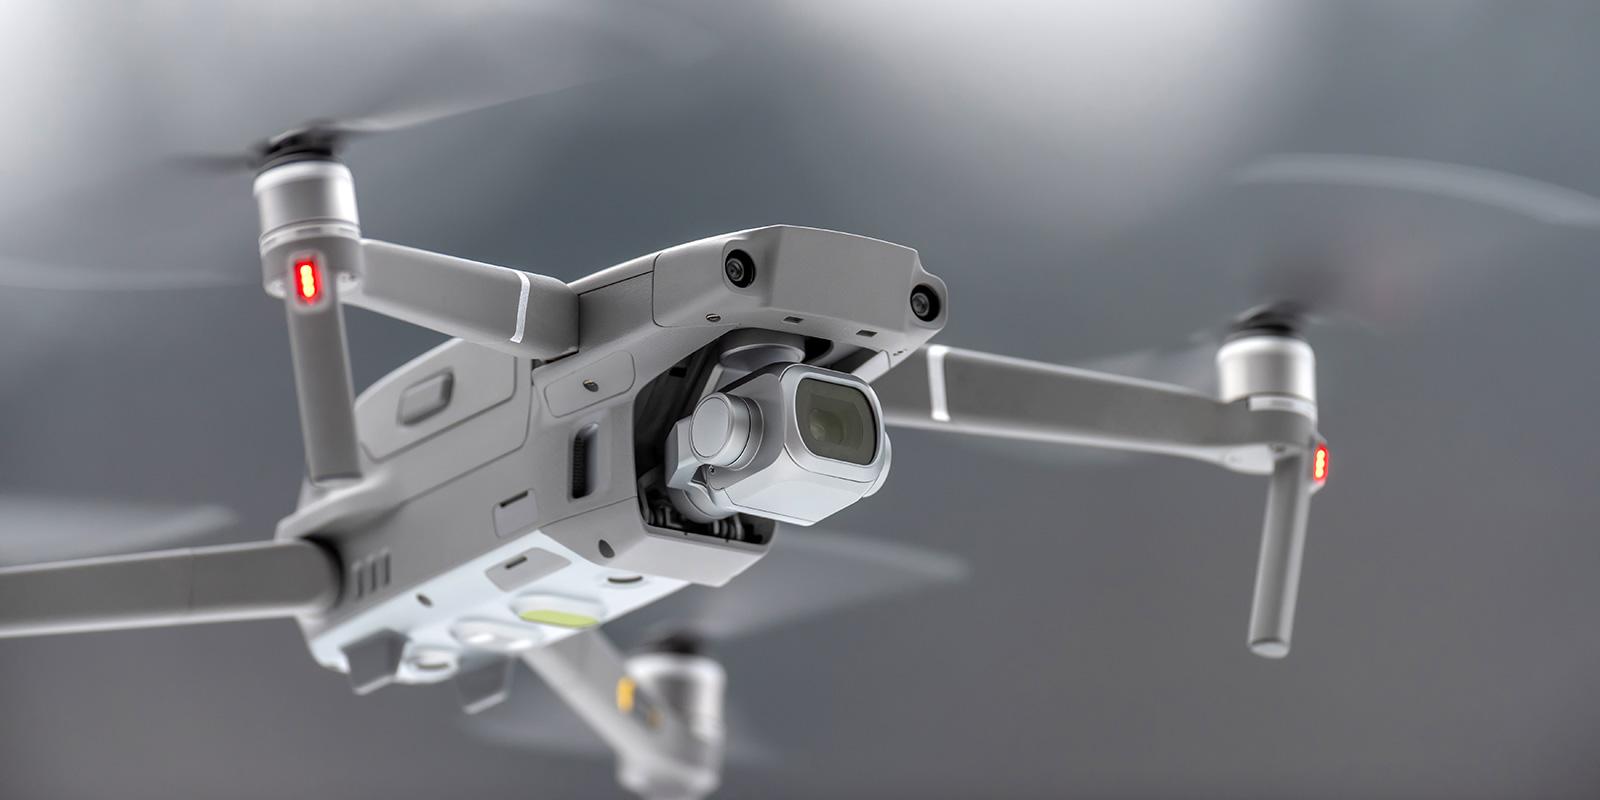 Droni, Radar ed AI per grandi infrastrutture critiche